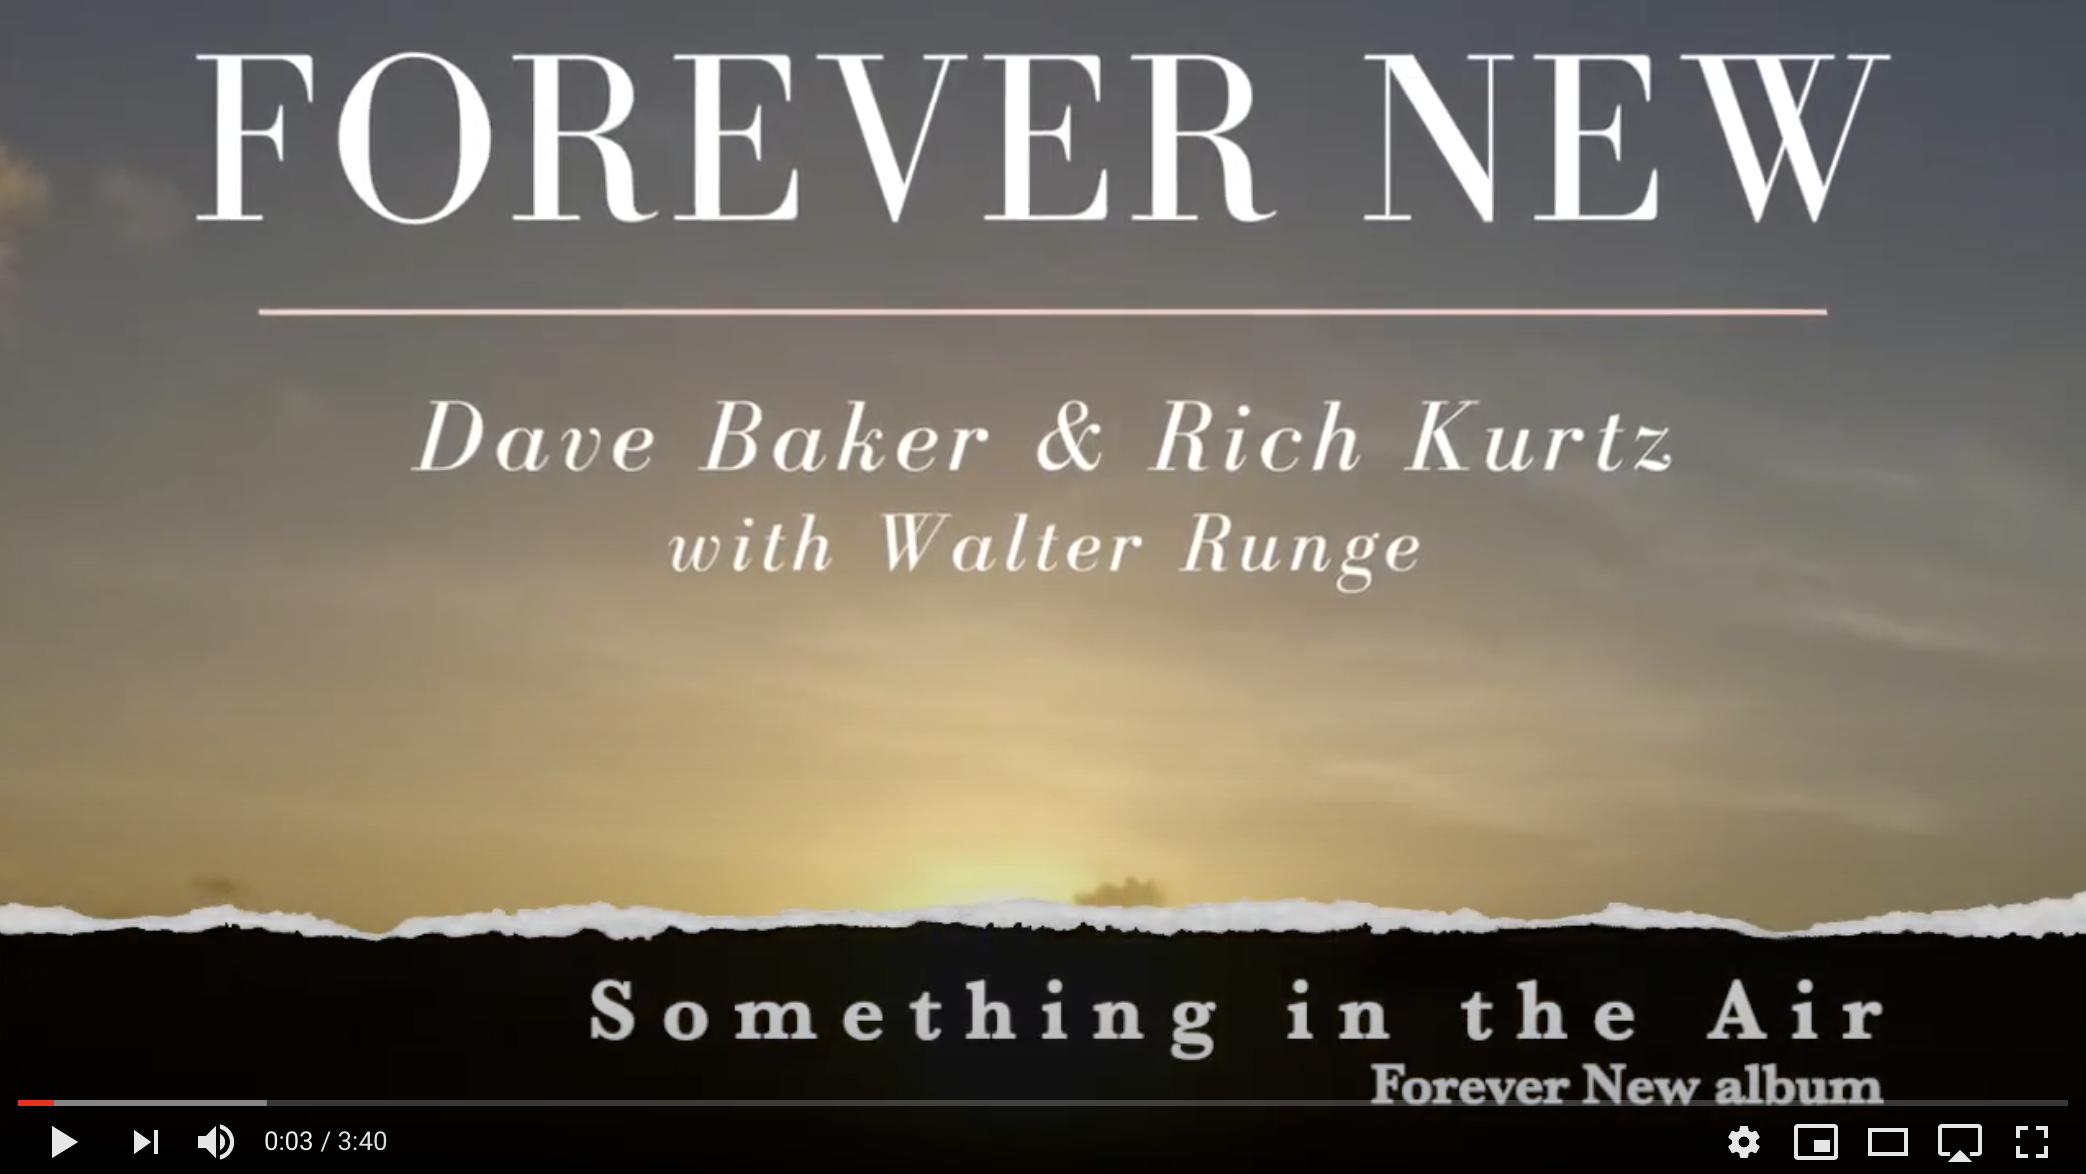 Dave Baker & Rich Kurtz - Forever New